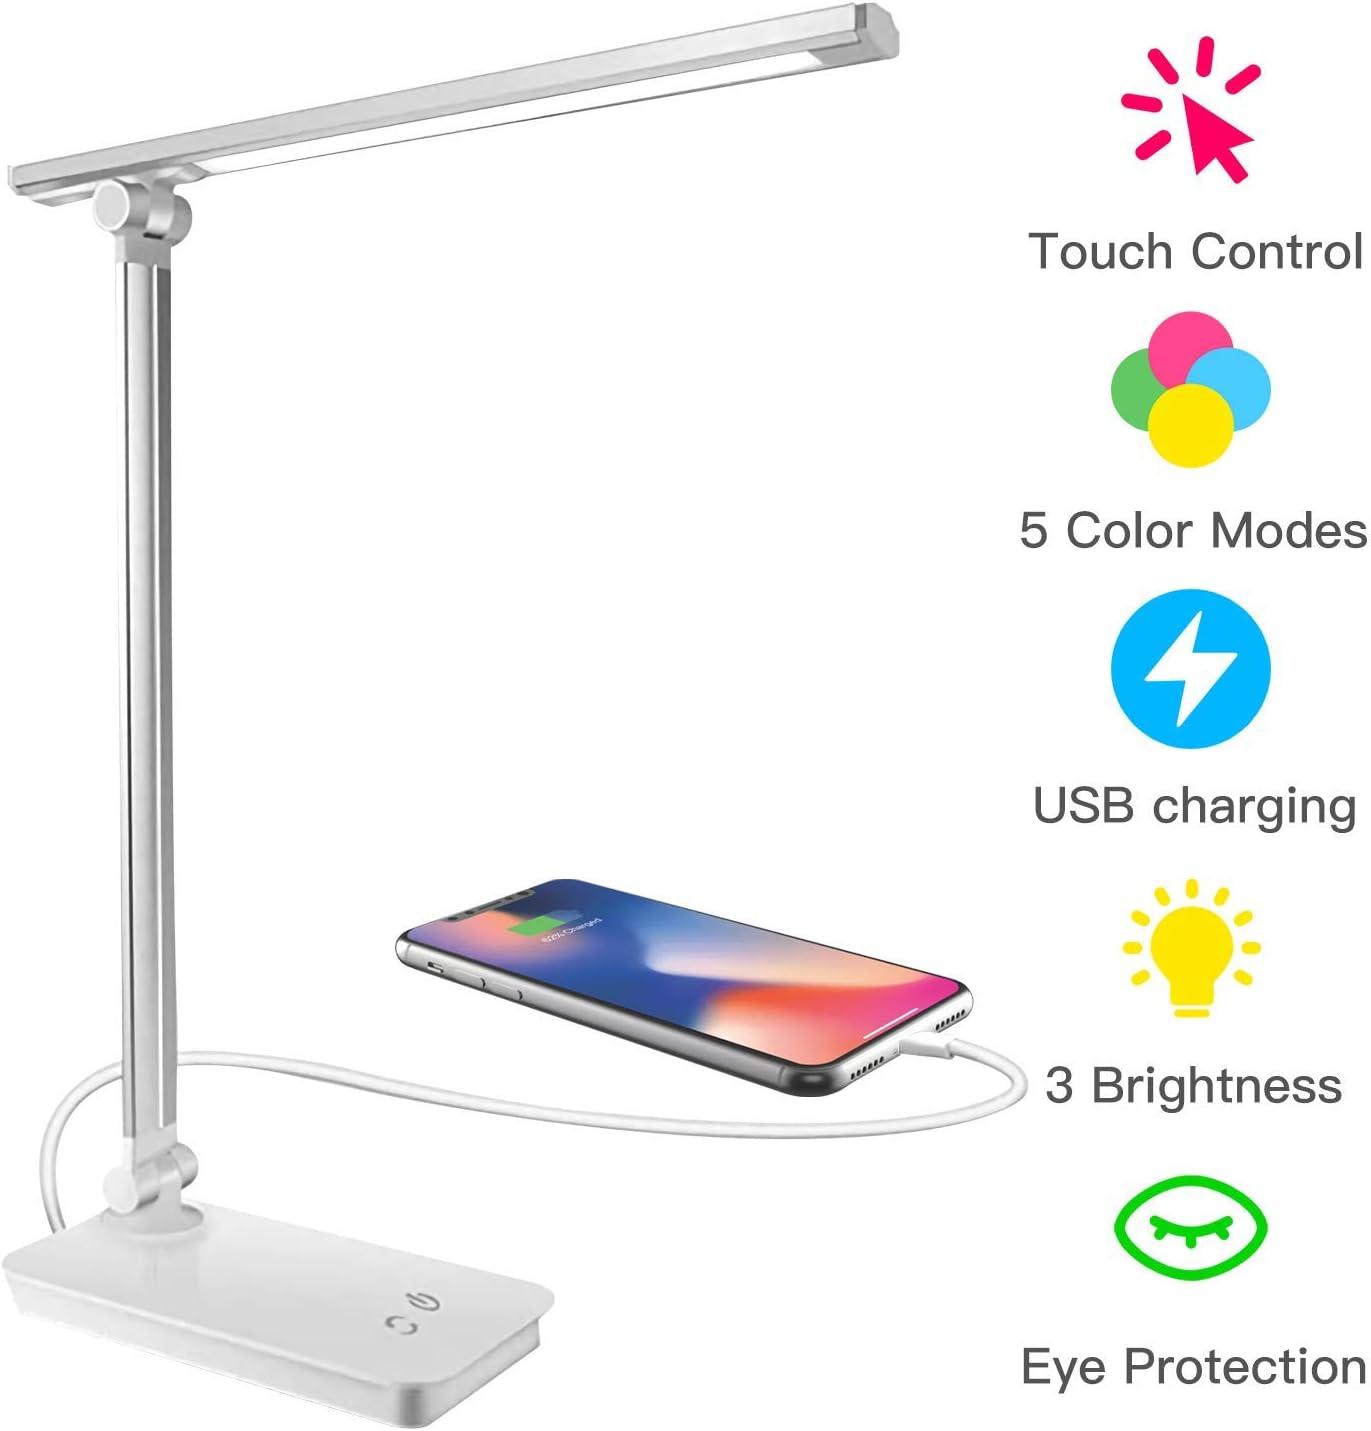 Lámpara de escritorio LED, lámpara de mesa LED regulable, control táctil 3 modos de iluminación 5 niveles de brillo, lámparas de mesa plegables con puerto USB de carga (Silver)